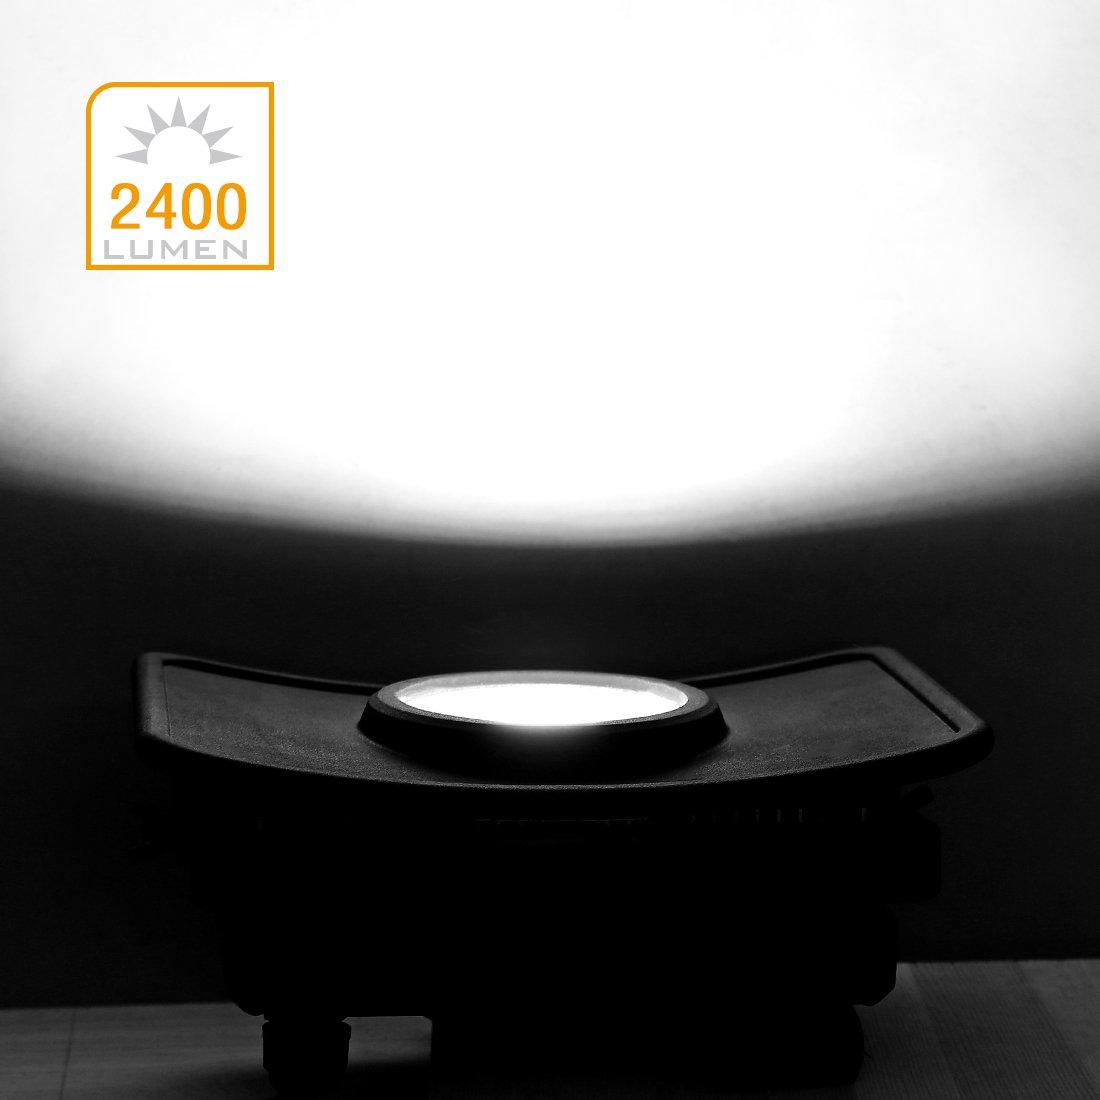 EverBrite Faretto LED da Esterno 30W 2400 lumen Bianco Illuminante 5000K Corridoio Proiettore Faro LED Impermeabile IP54 Casa Illuminazione Interna ed Esterna Luce per Giardino